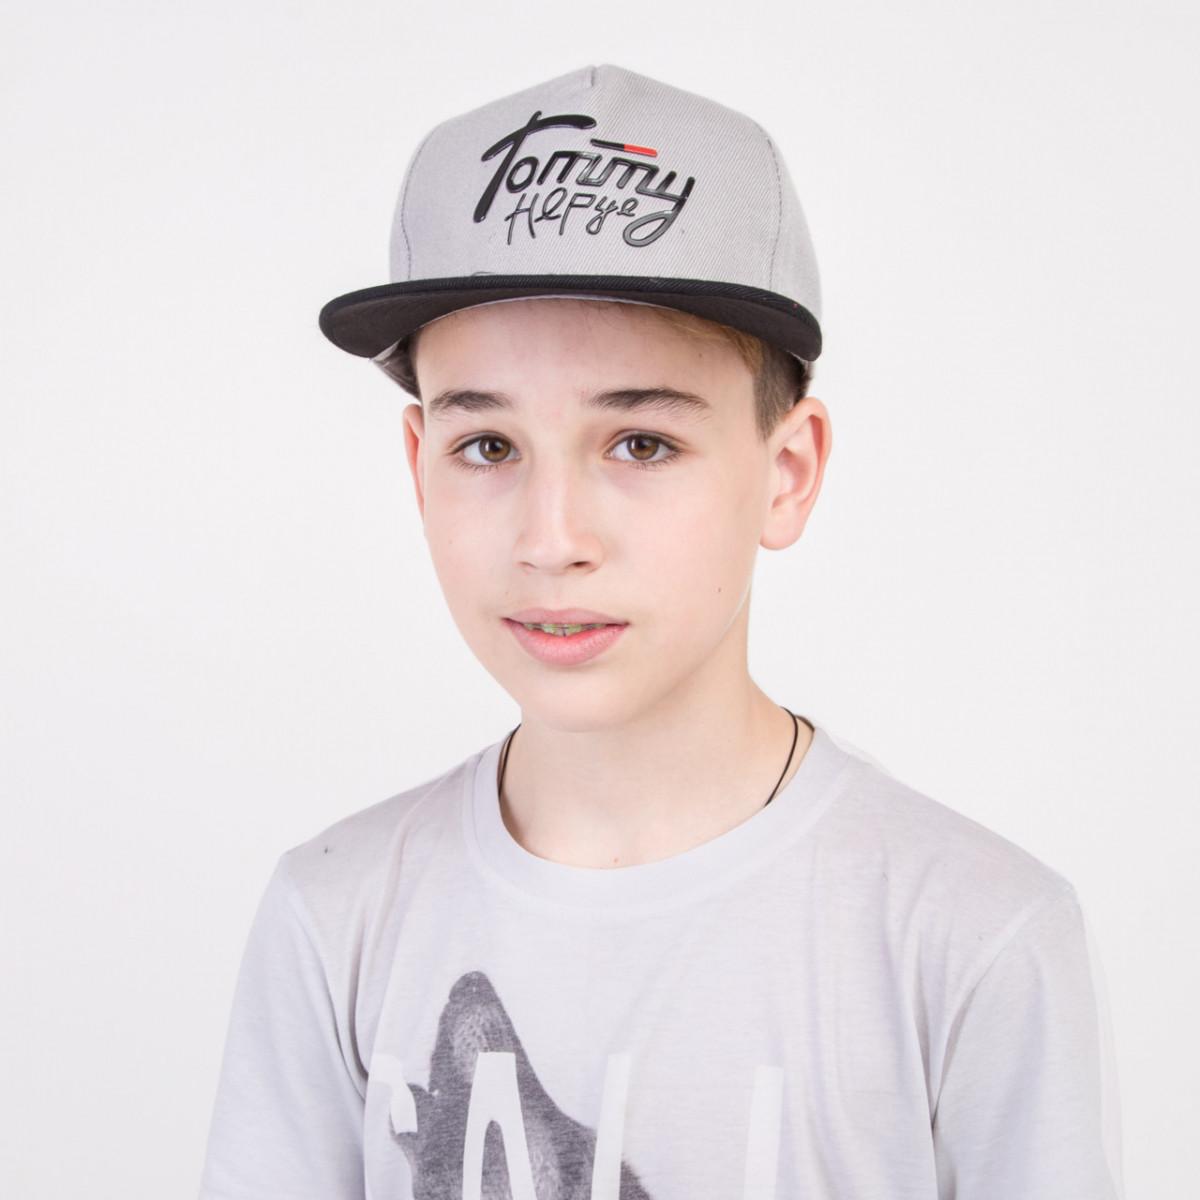 Брендовая кепка Snapback для мальчика оптом - Tommy - 82018-60